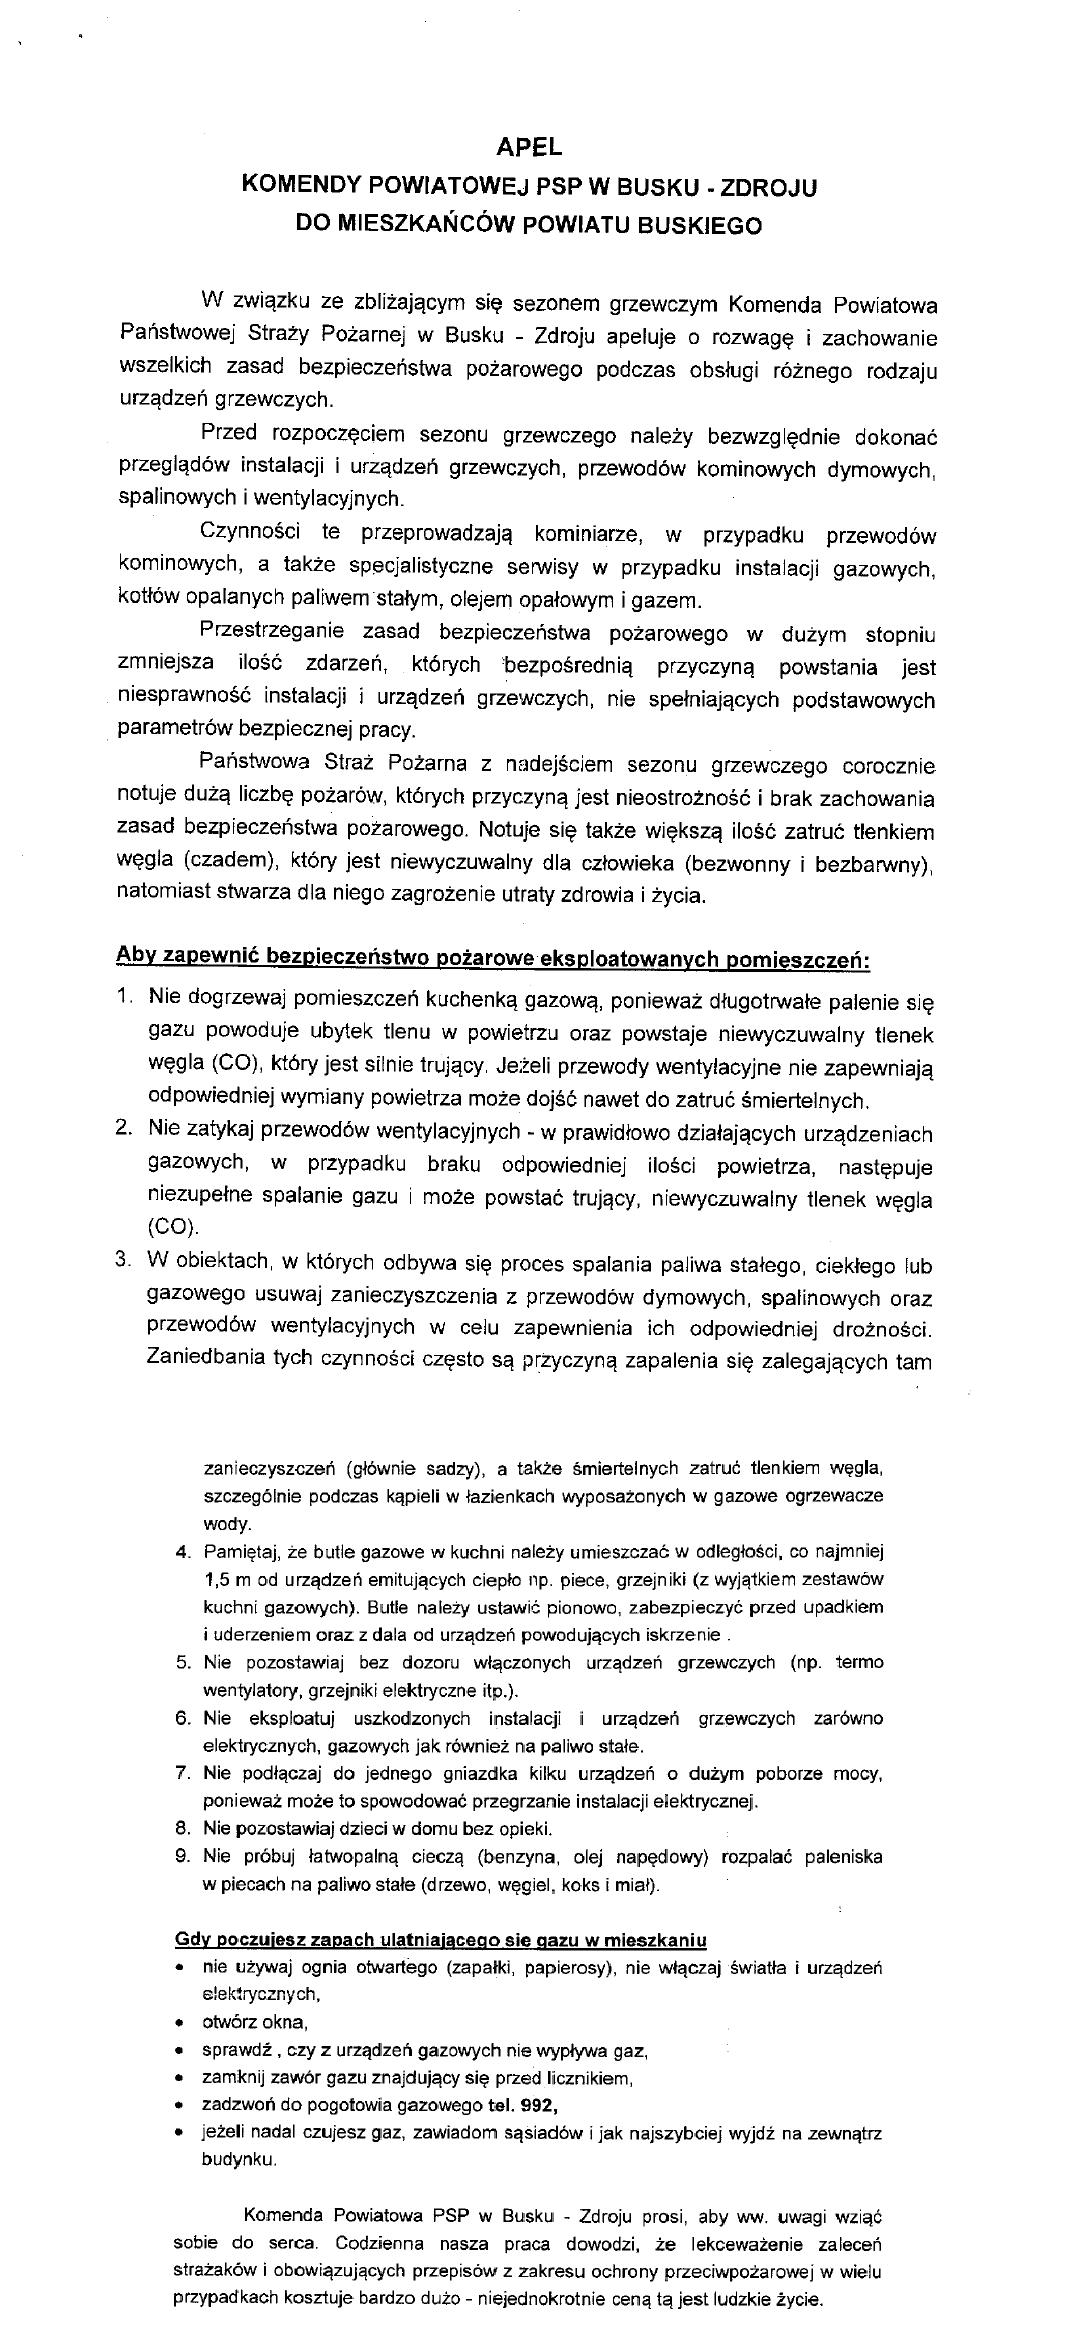 apel_komendy_powiatowej.png